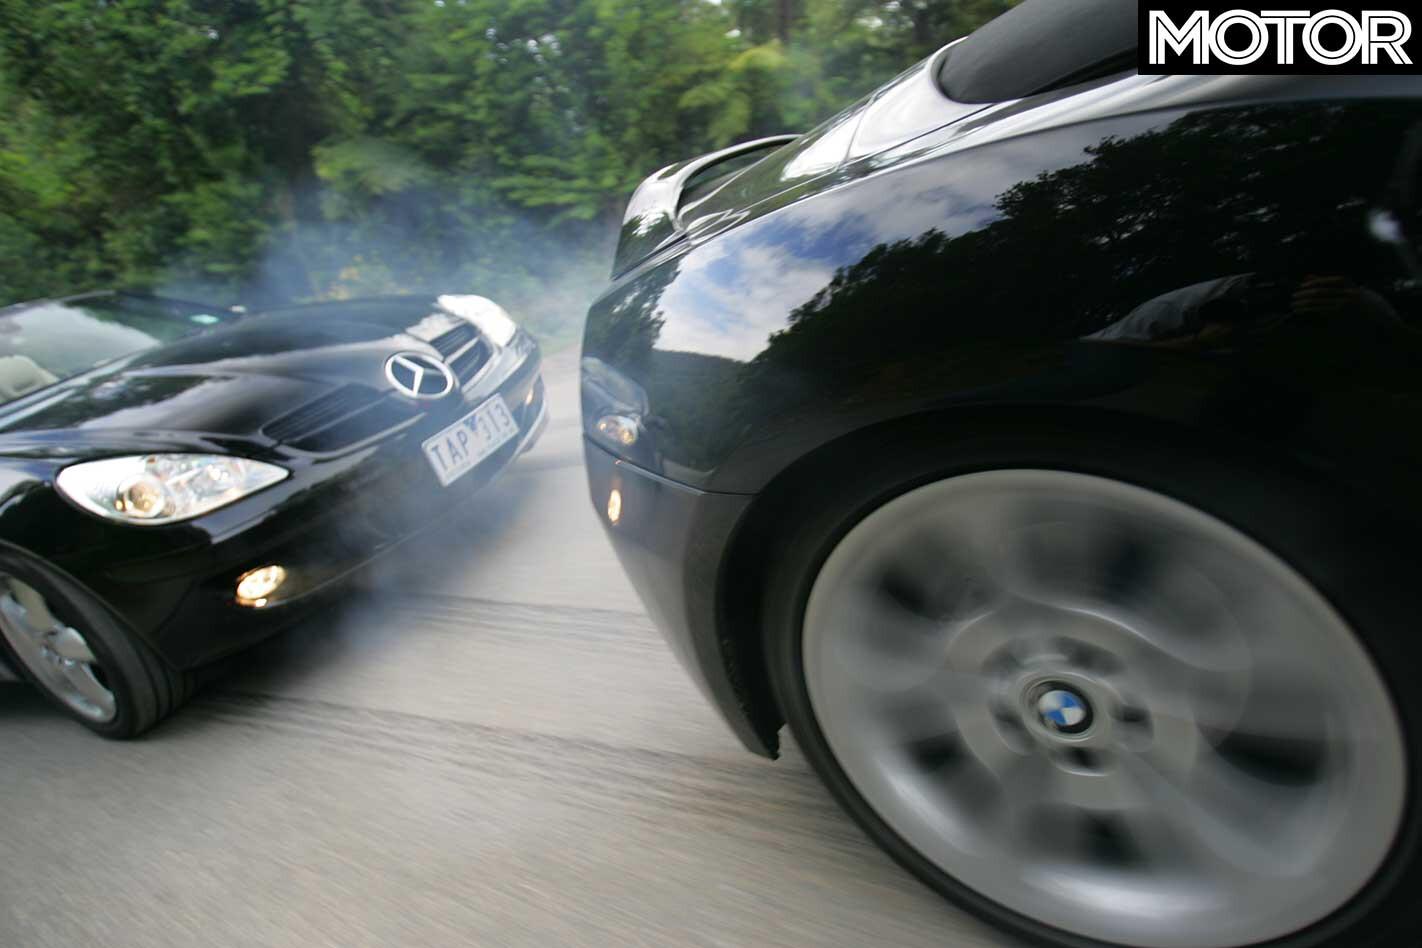 2004 BMW Z 4 Roadster Vs Mercedes Benz SLK 350 Comparison Burnout Jpg